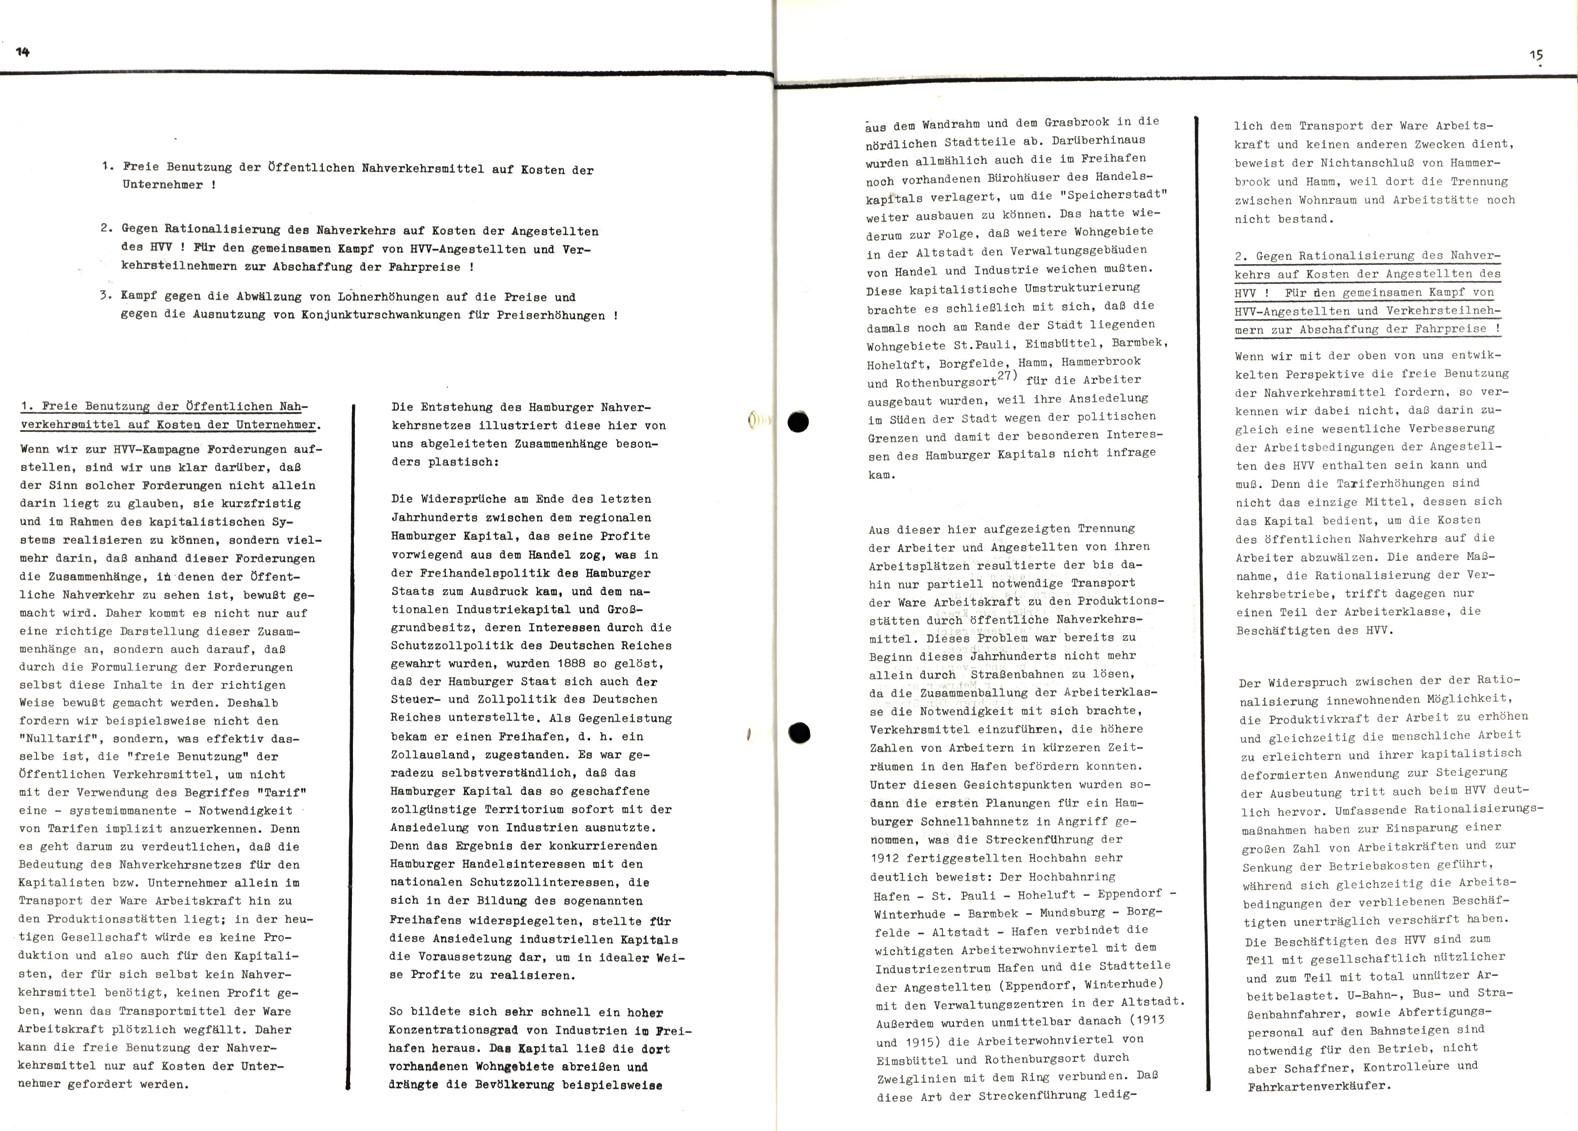 Proletarische_Front_1971_02_08